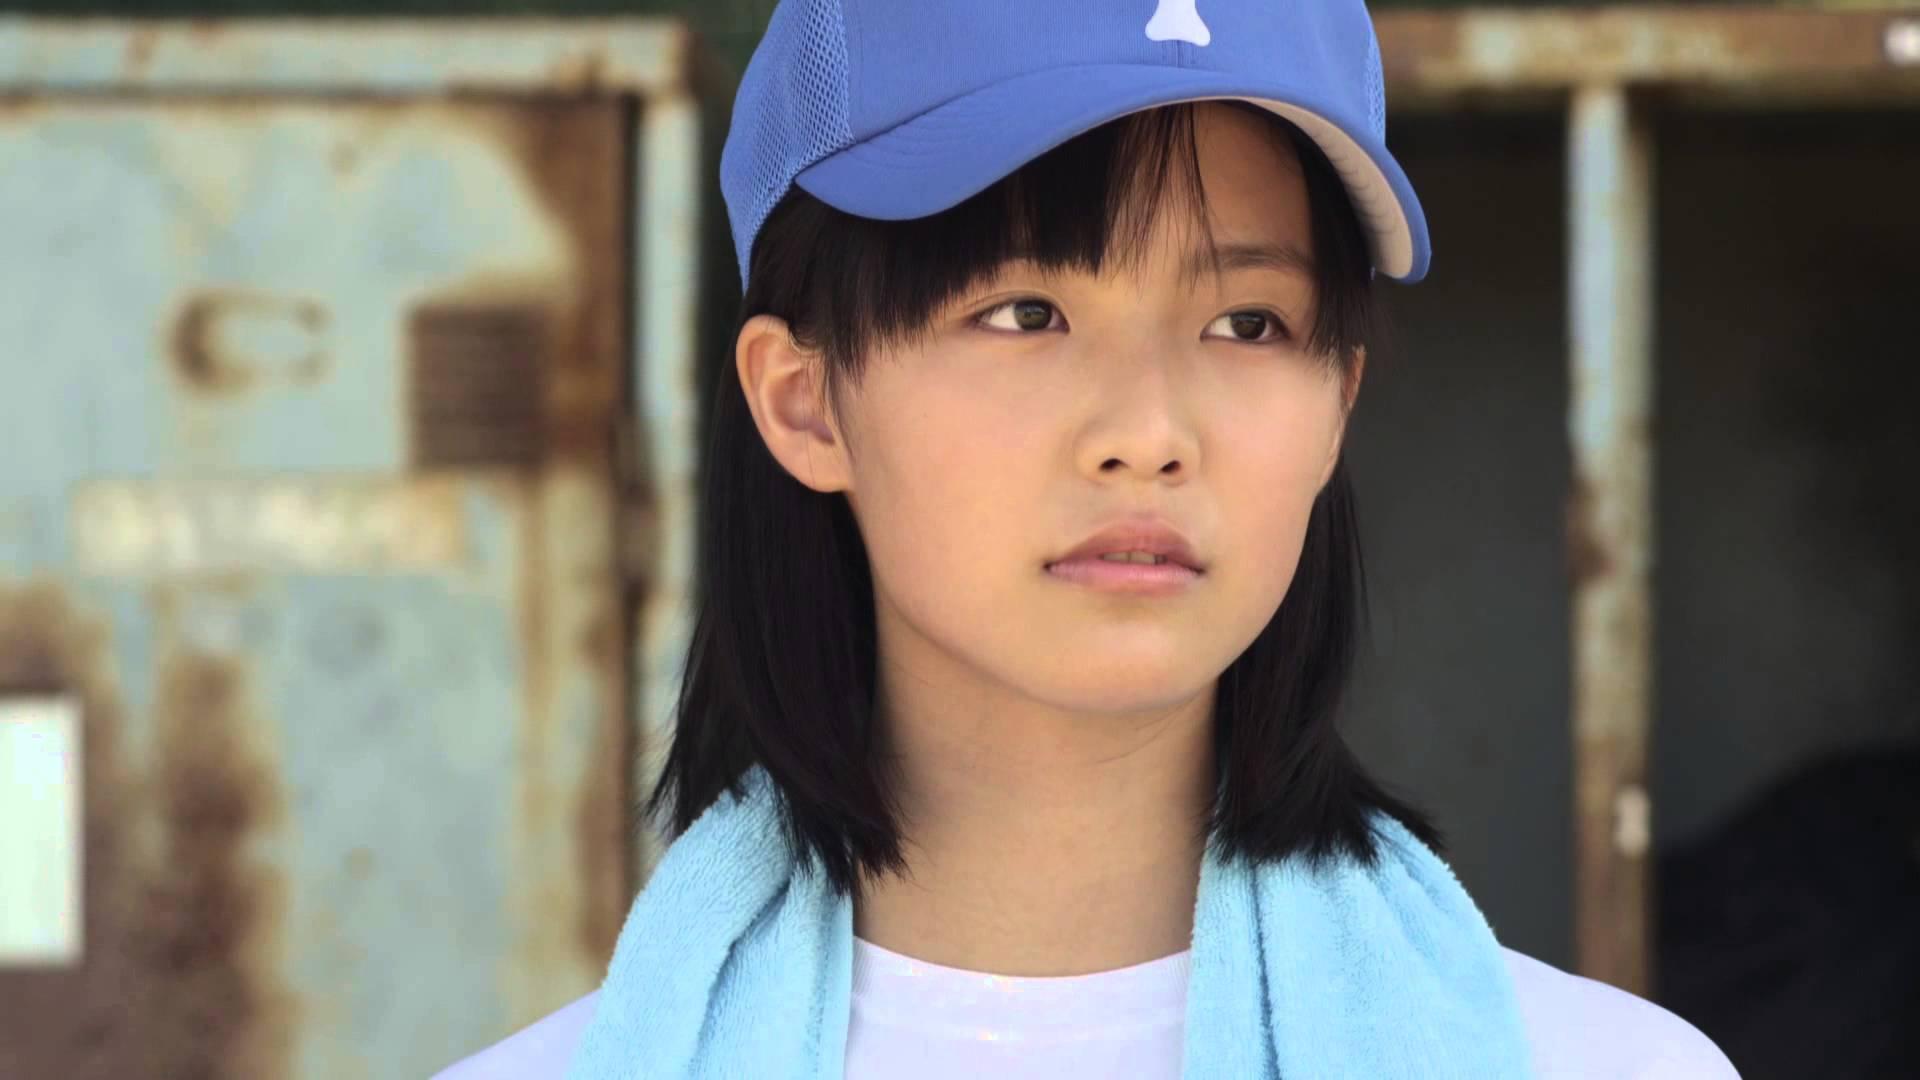 はじめは後悔してたけど。。野球部マネージャーの青春を描いたポカリスエットのCMが泣ける!!